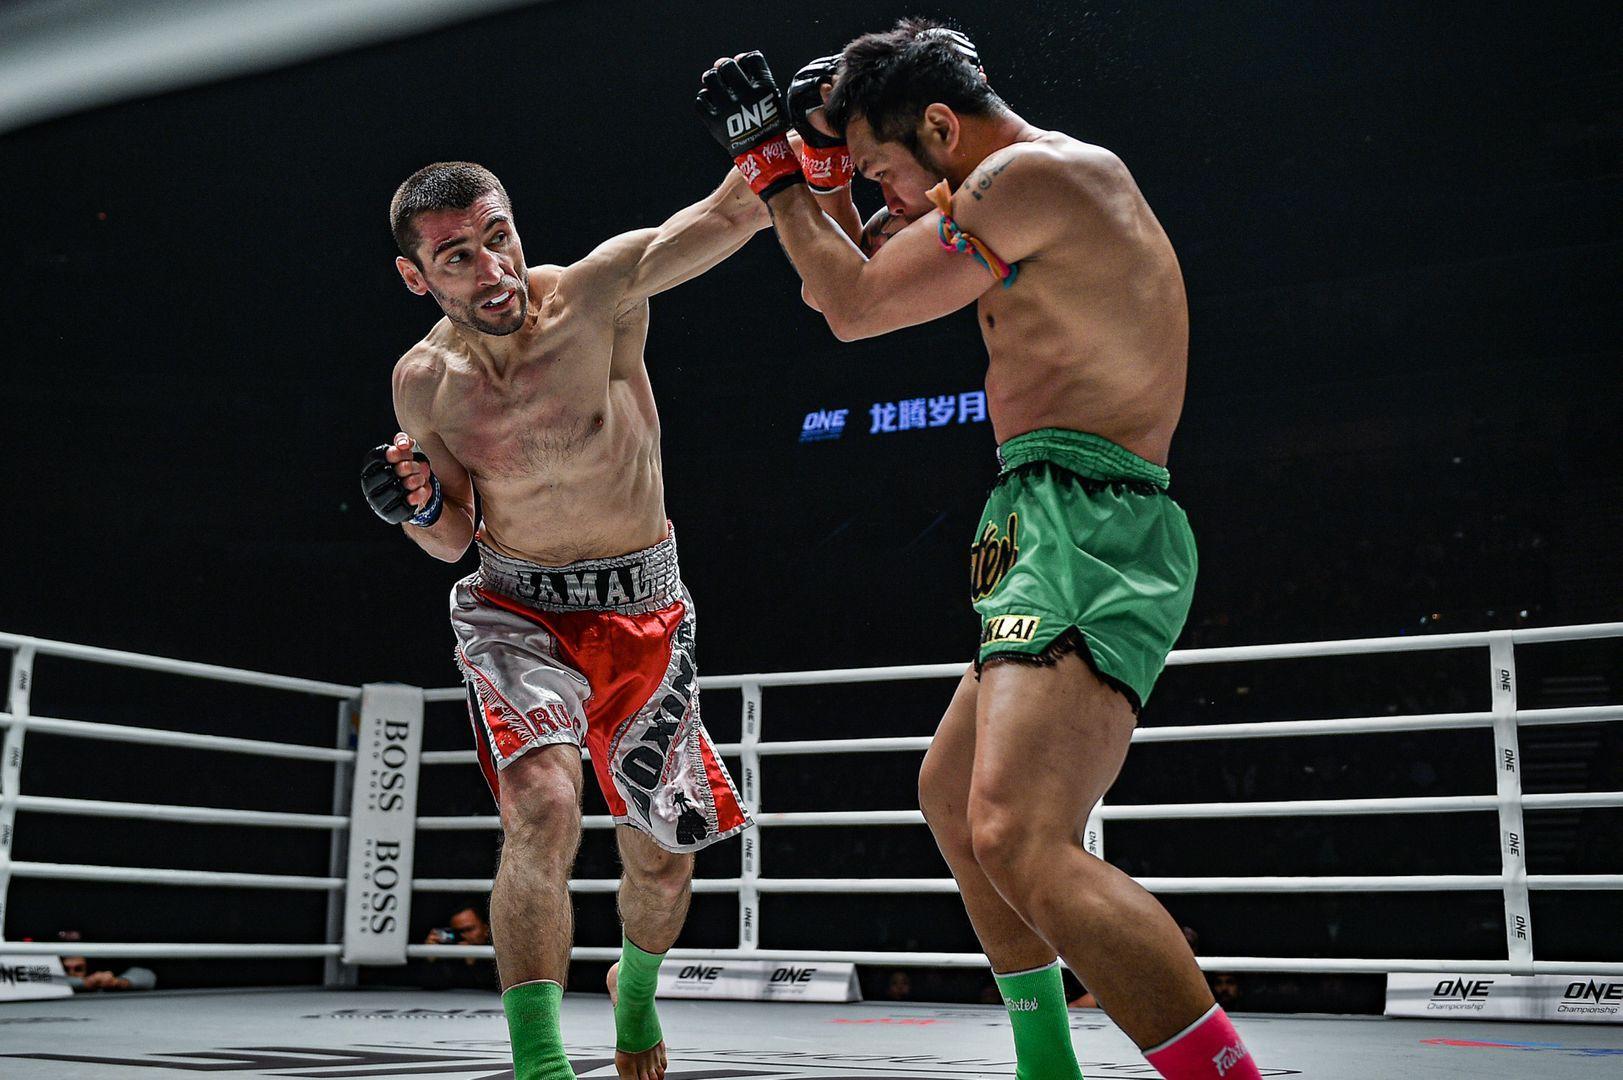 Jamal Yusupov defeats Yodsanklai IWE Fairtex